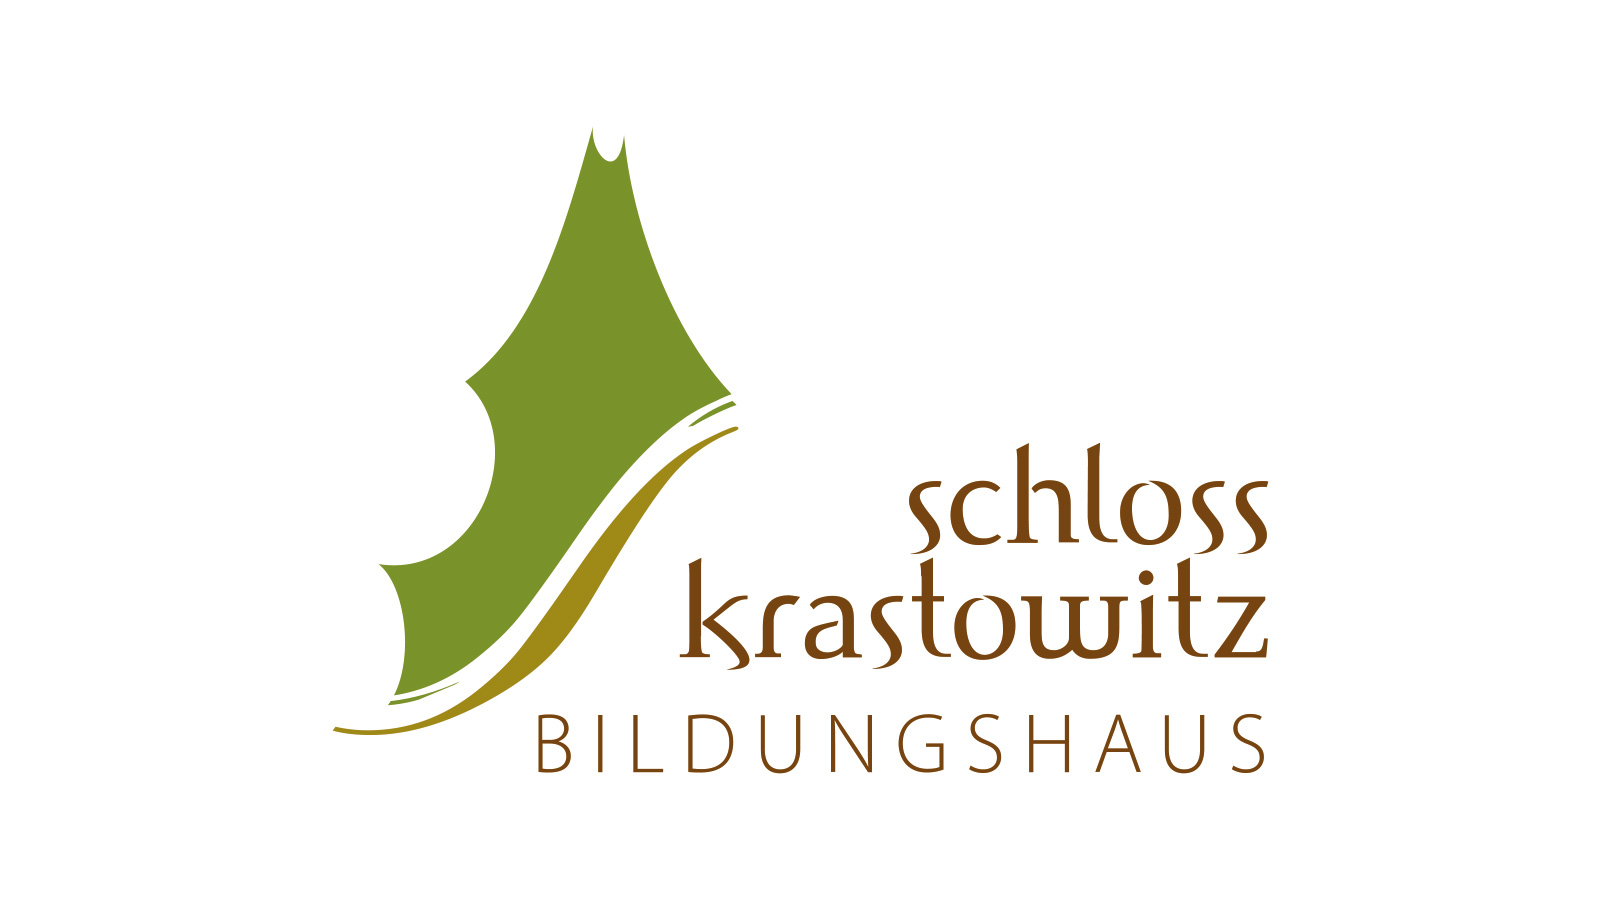 Bildungshaus Schloss Krastowitz - Overview